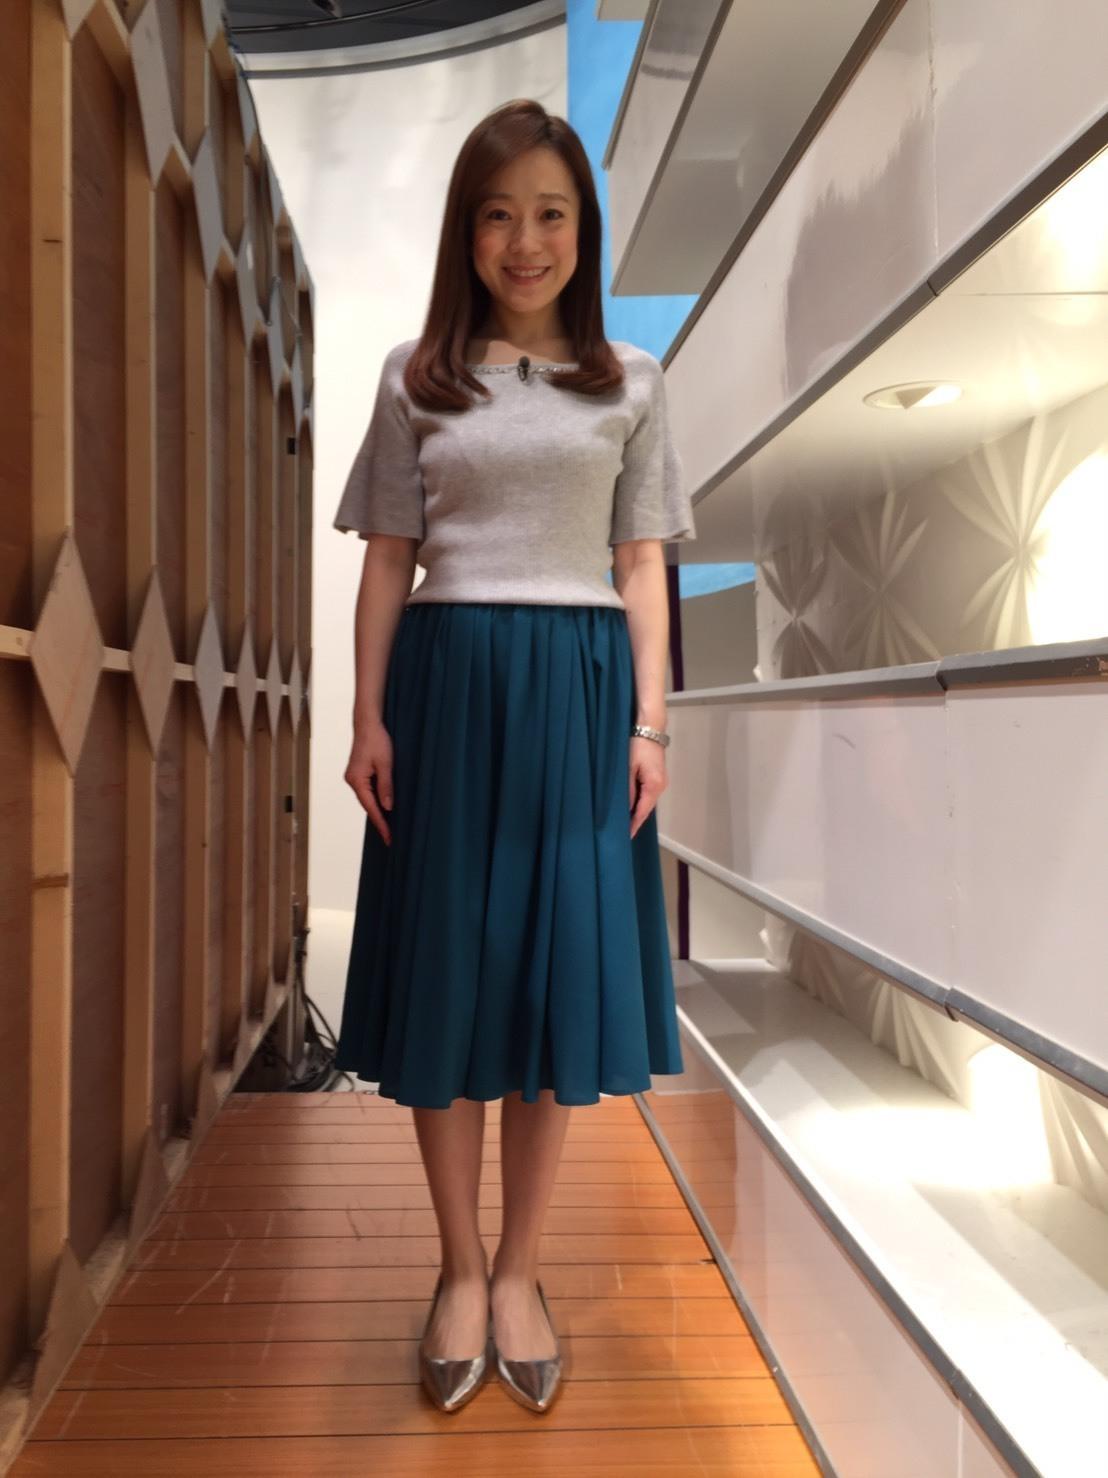 江藤愛ちゃん 専用©2ch.netYouTube動画>1本 ->画像>3829枚